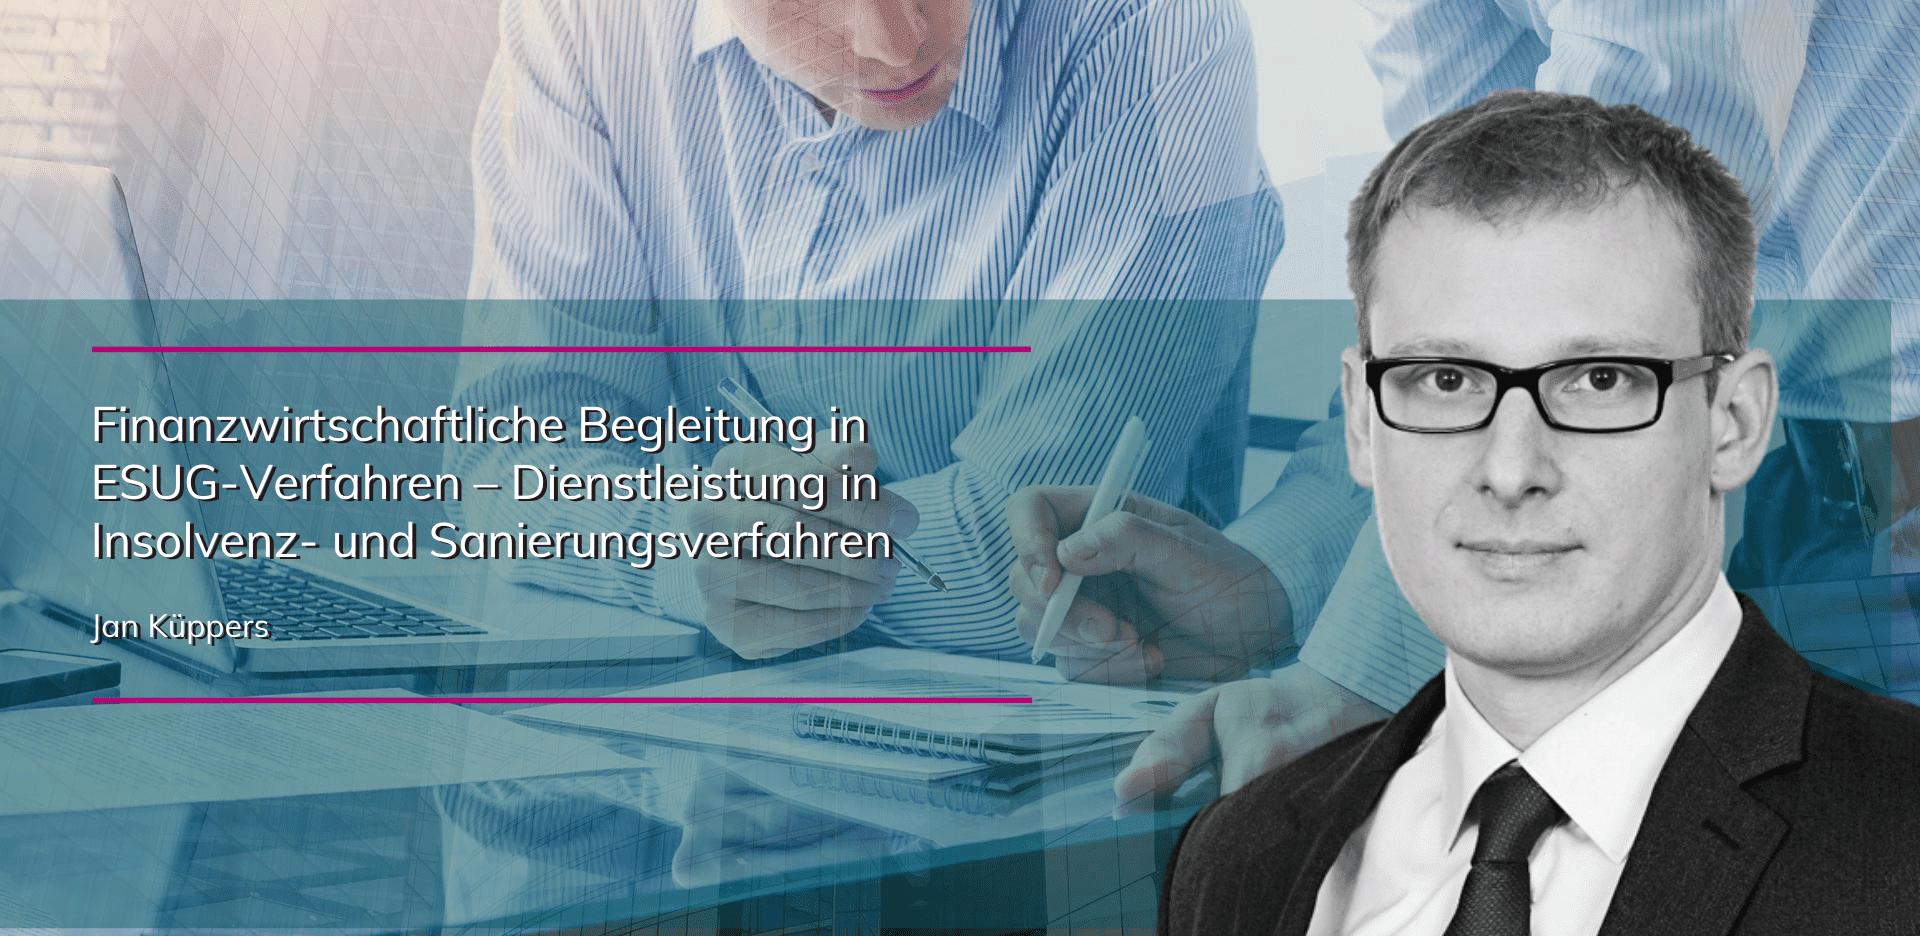 plenovia-blog-Kueppers-Finanzwirtschaftliche-Begleitung-in-ESUG-Verfahren-unternehmensberatung-restrukturierung-sanierungskonzepte-düsseldorf-frankfurt-berlin